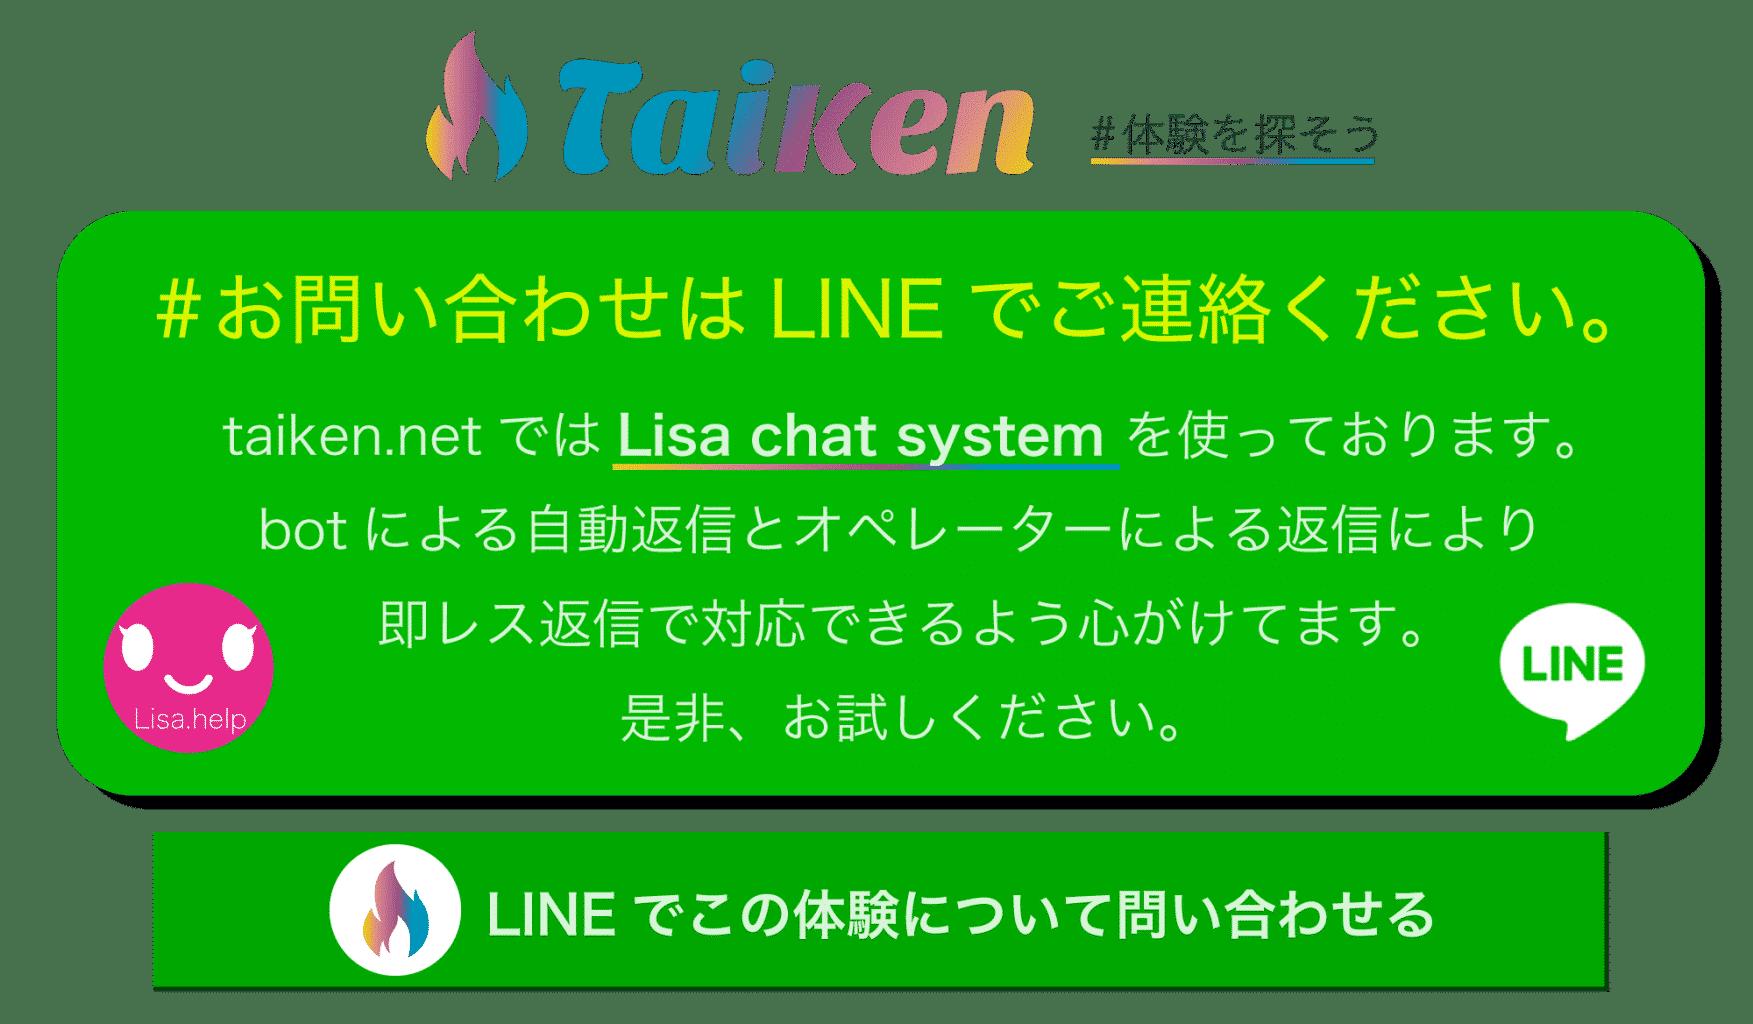 taiken.net LINEで問合せ